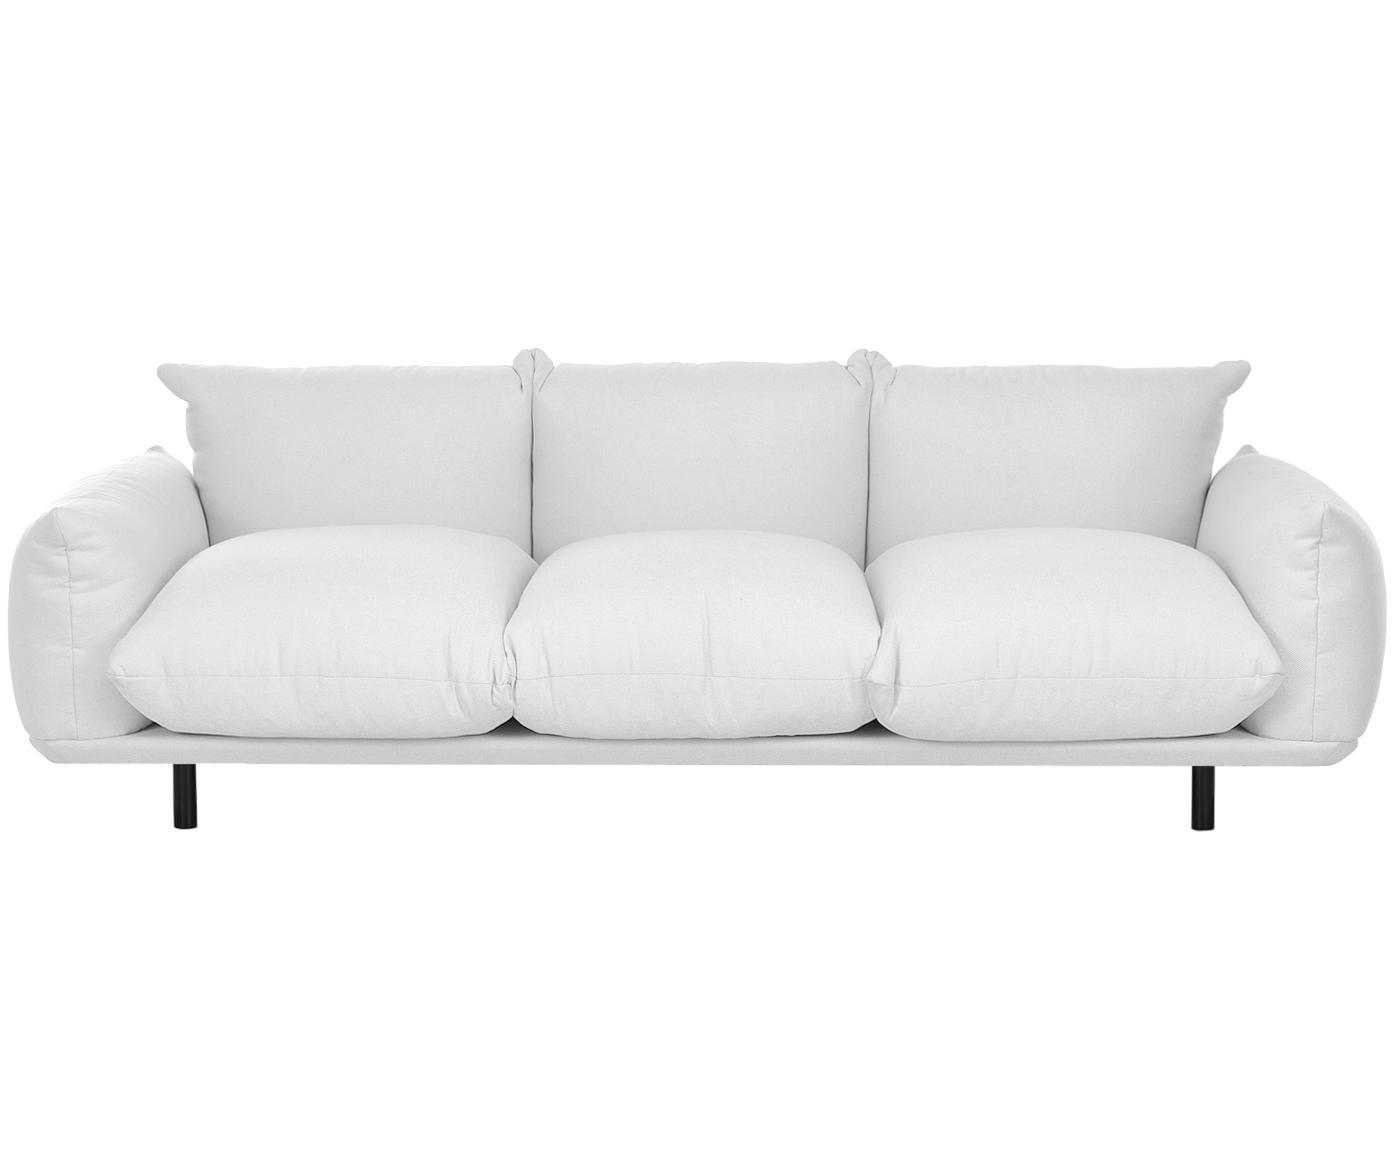 Bank Saga (4-zits), Bekleding: 100% polyester, Frame: massief berkenhout, Poten: gepoedercoat metaal, Lichtgrijs, B 232 x D 103 cm